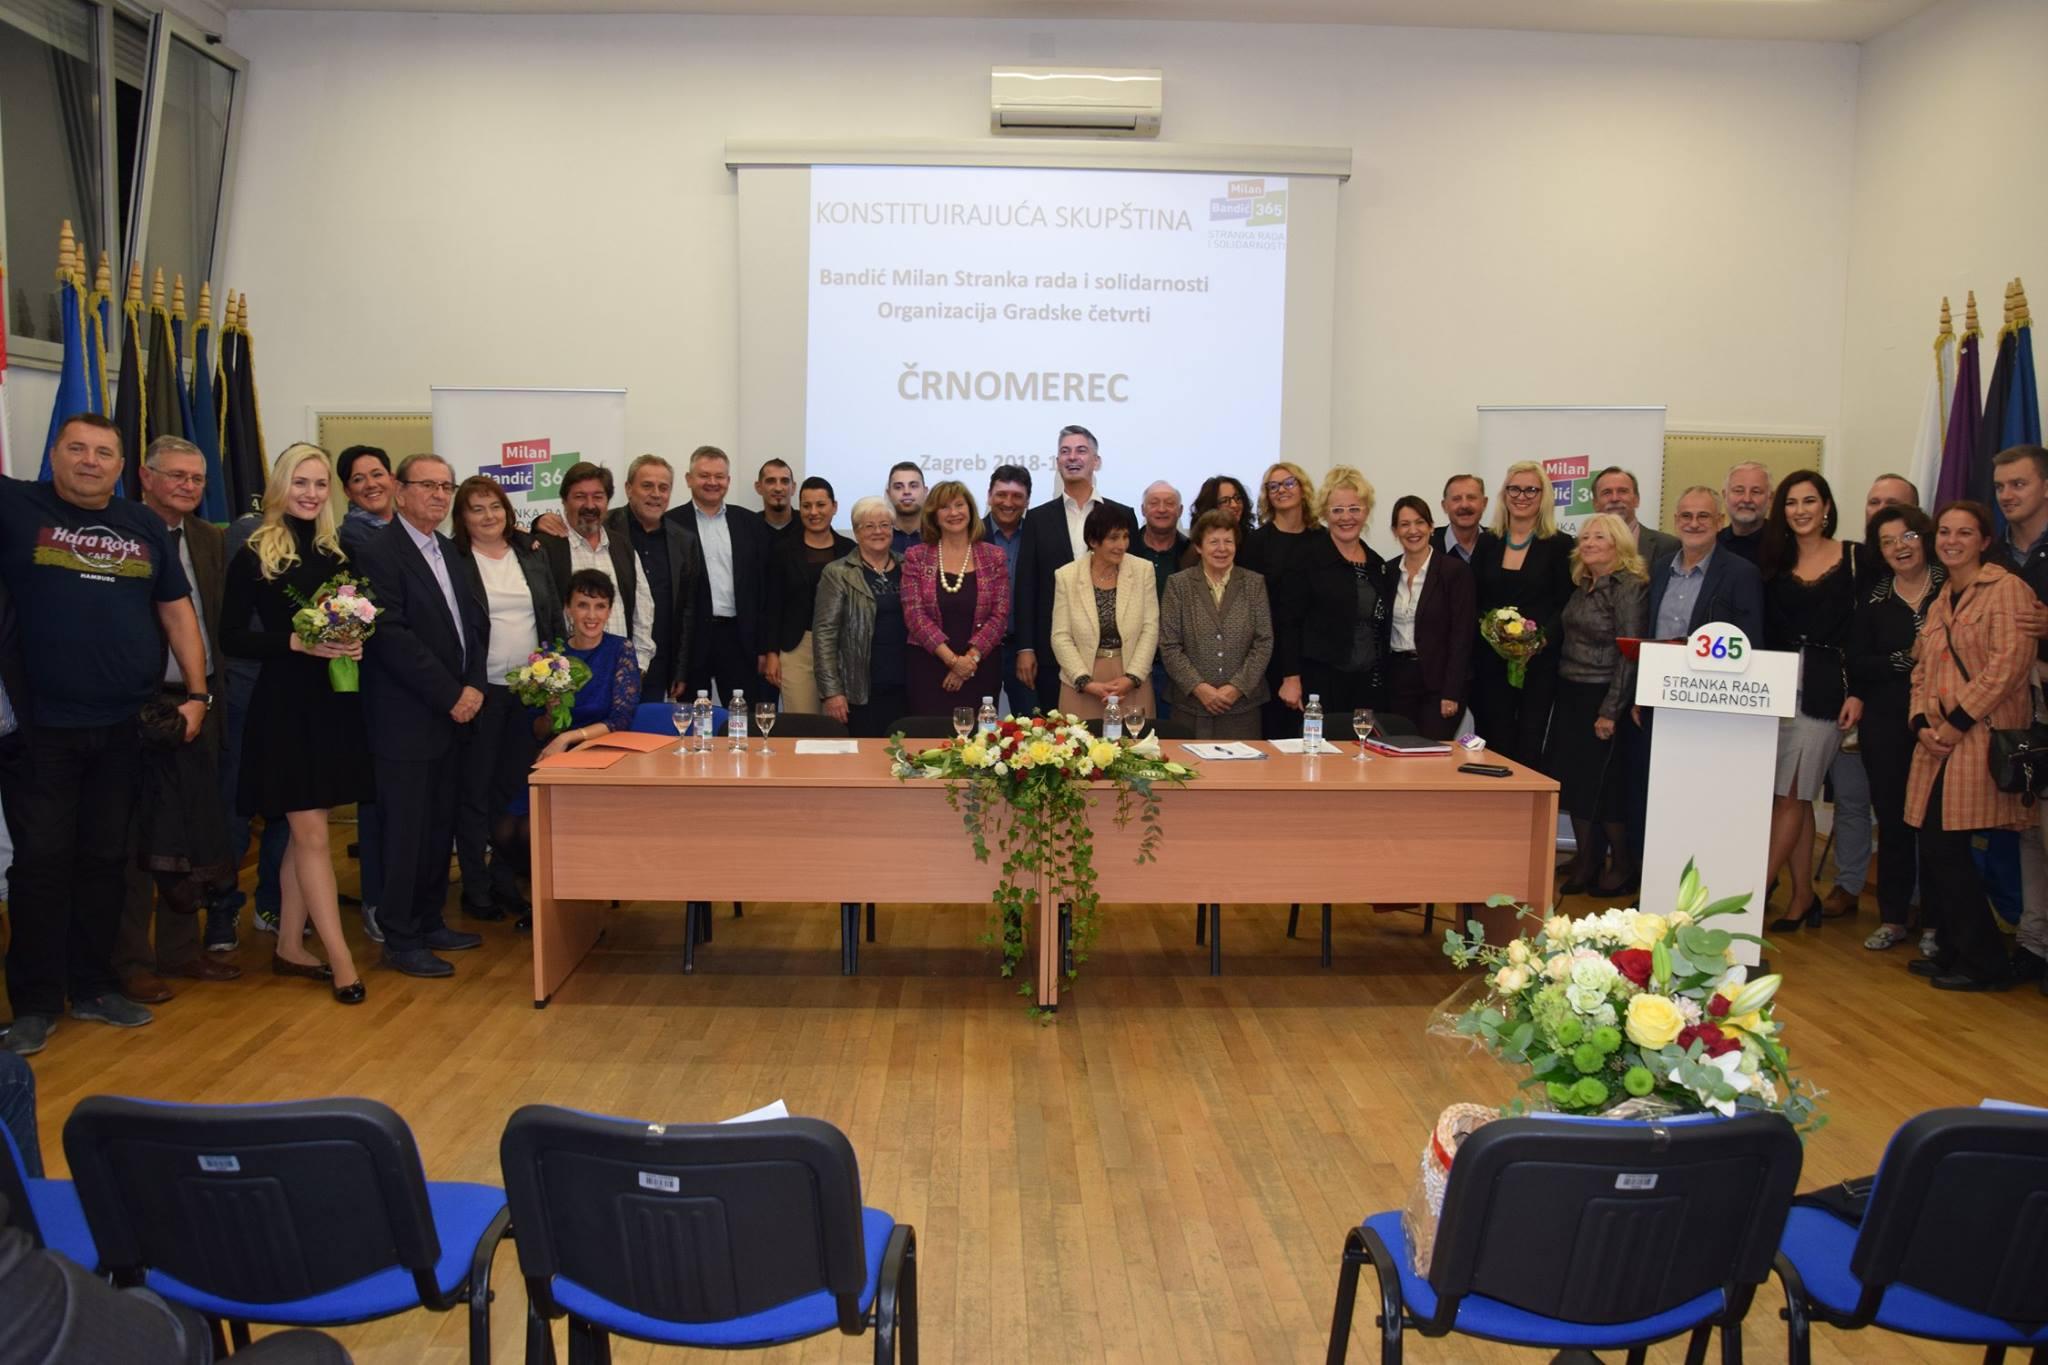 Osnovana organizacija Gradske četvrti Črnomerec Bandić Milan 365 – Stranka rada i solidarnosti